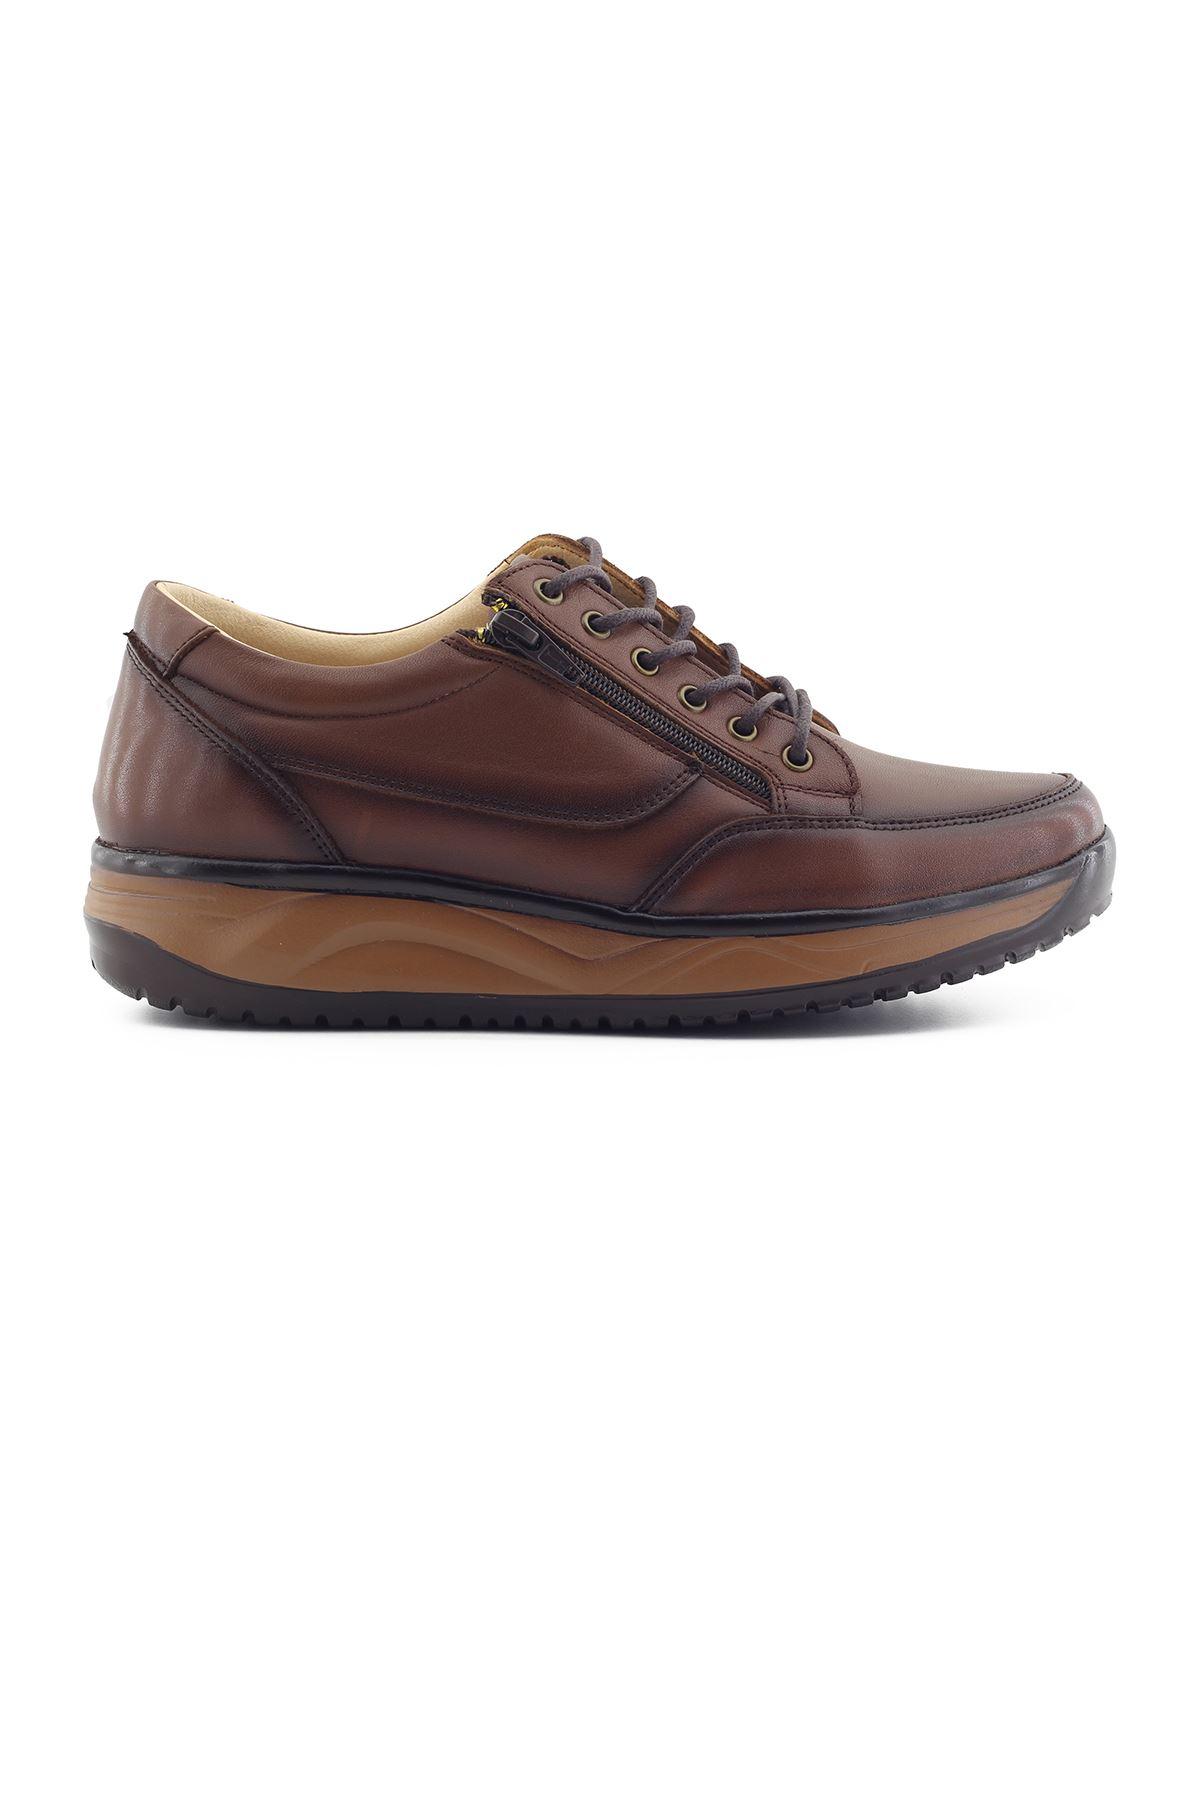 1655 Taba Erkek Büyük Numara Yürüyüş Ayakkabısı (45-46)